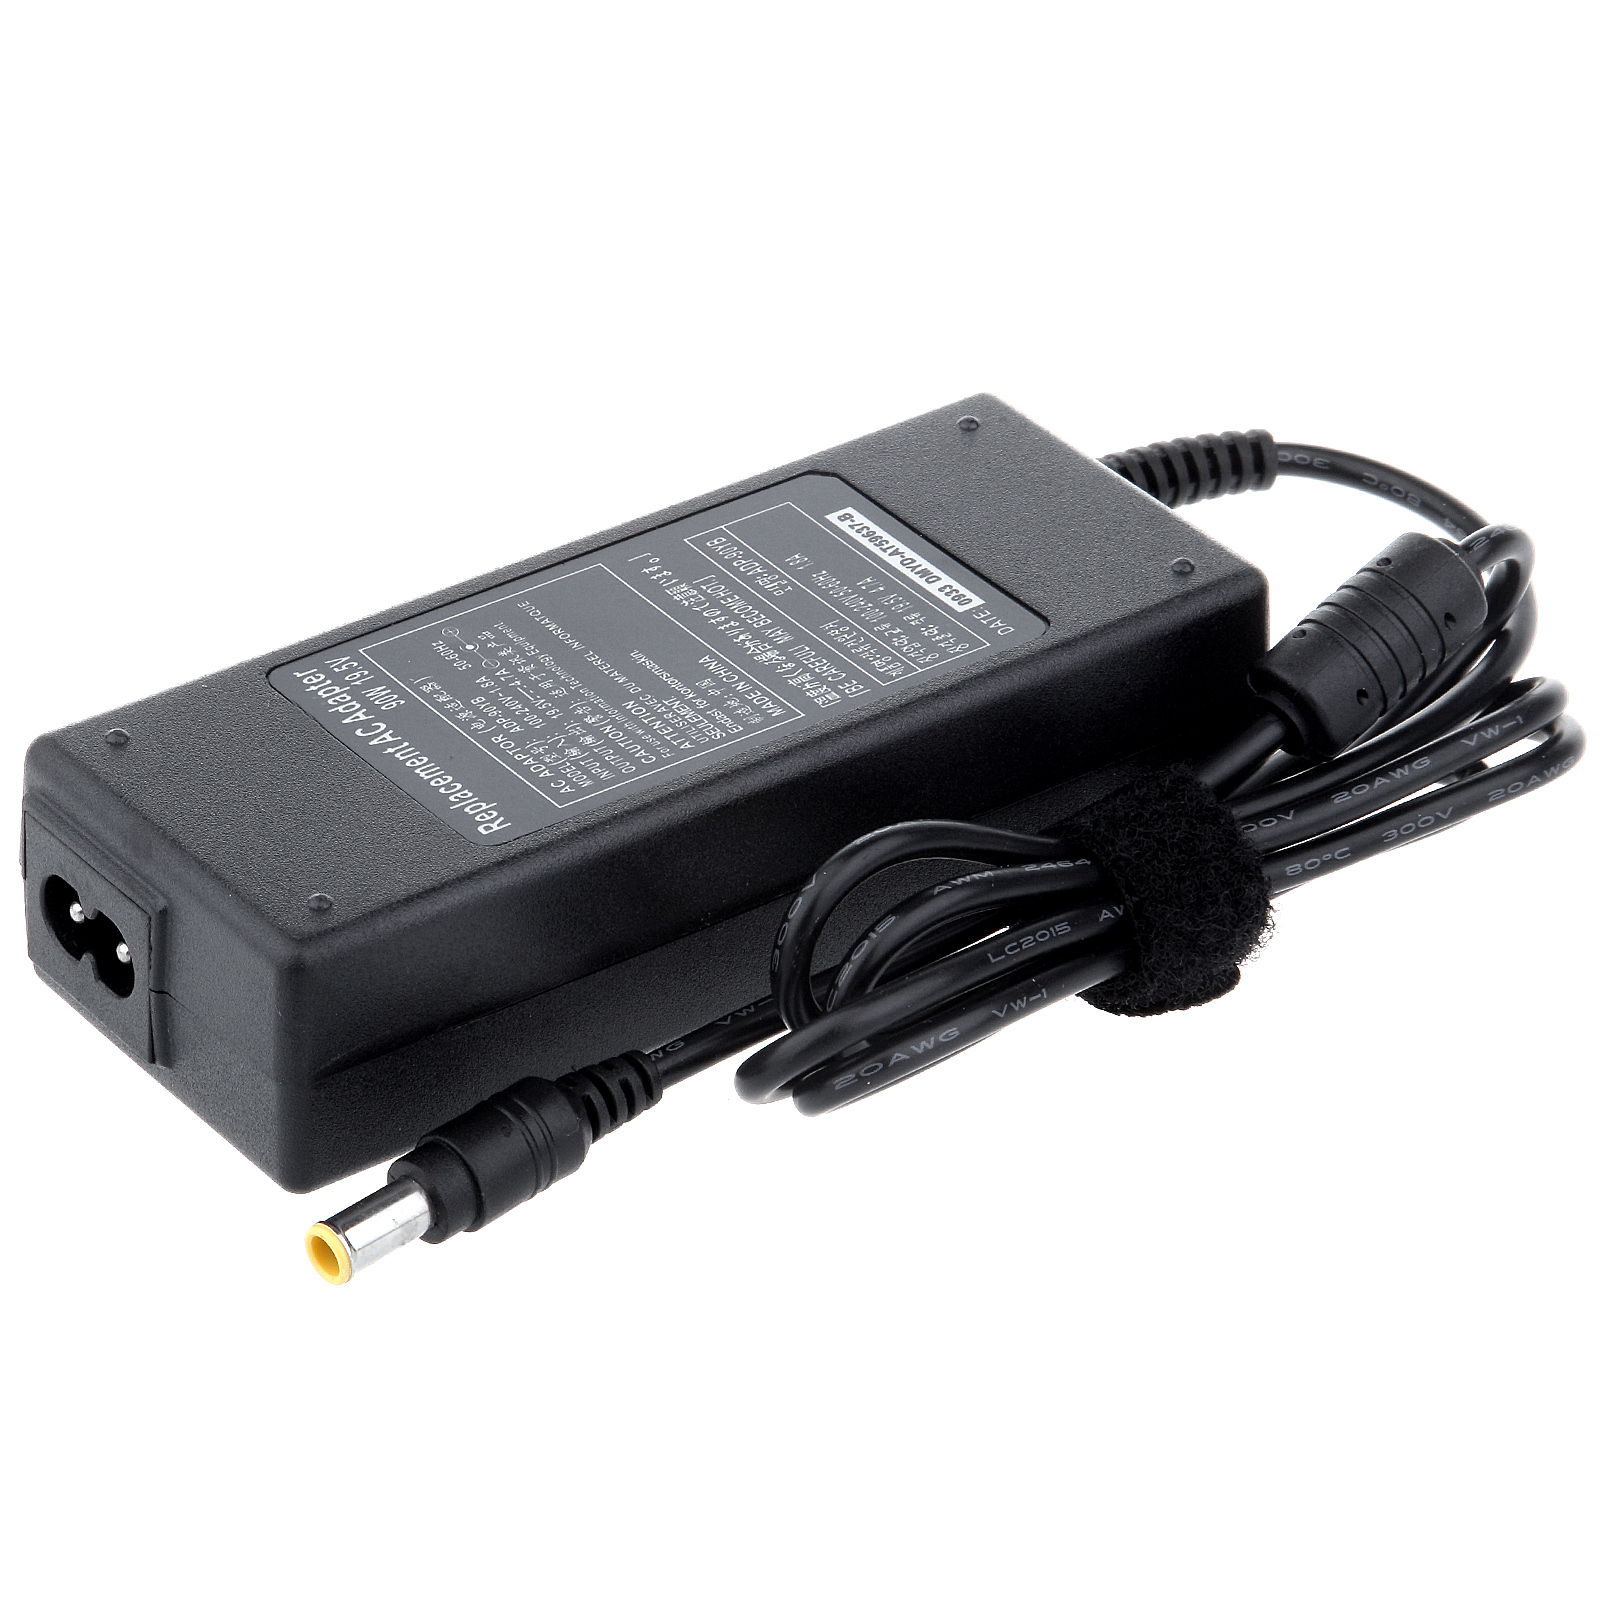 19.5V AC Adapter Power Charger for Sony Vaio VGP-AC19V43 VGP-AC19V48 VGP-AC19V49